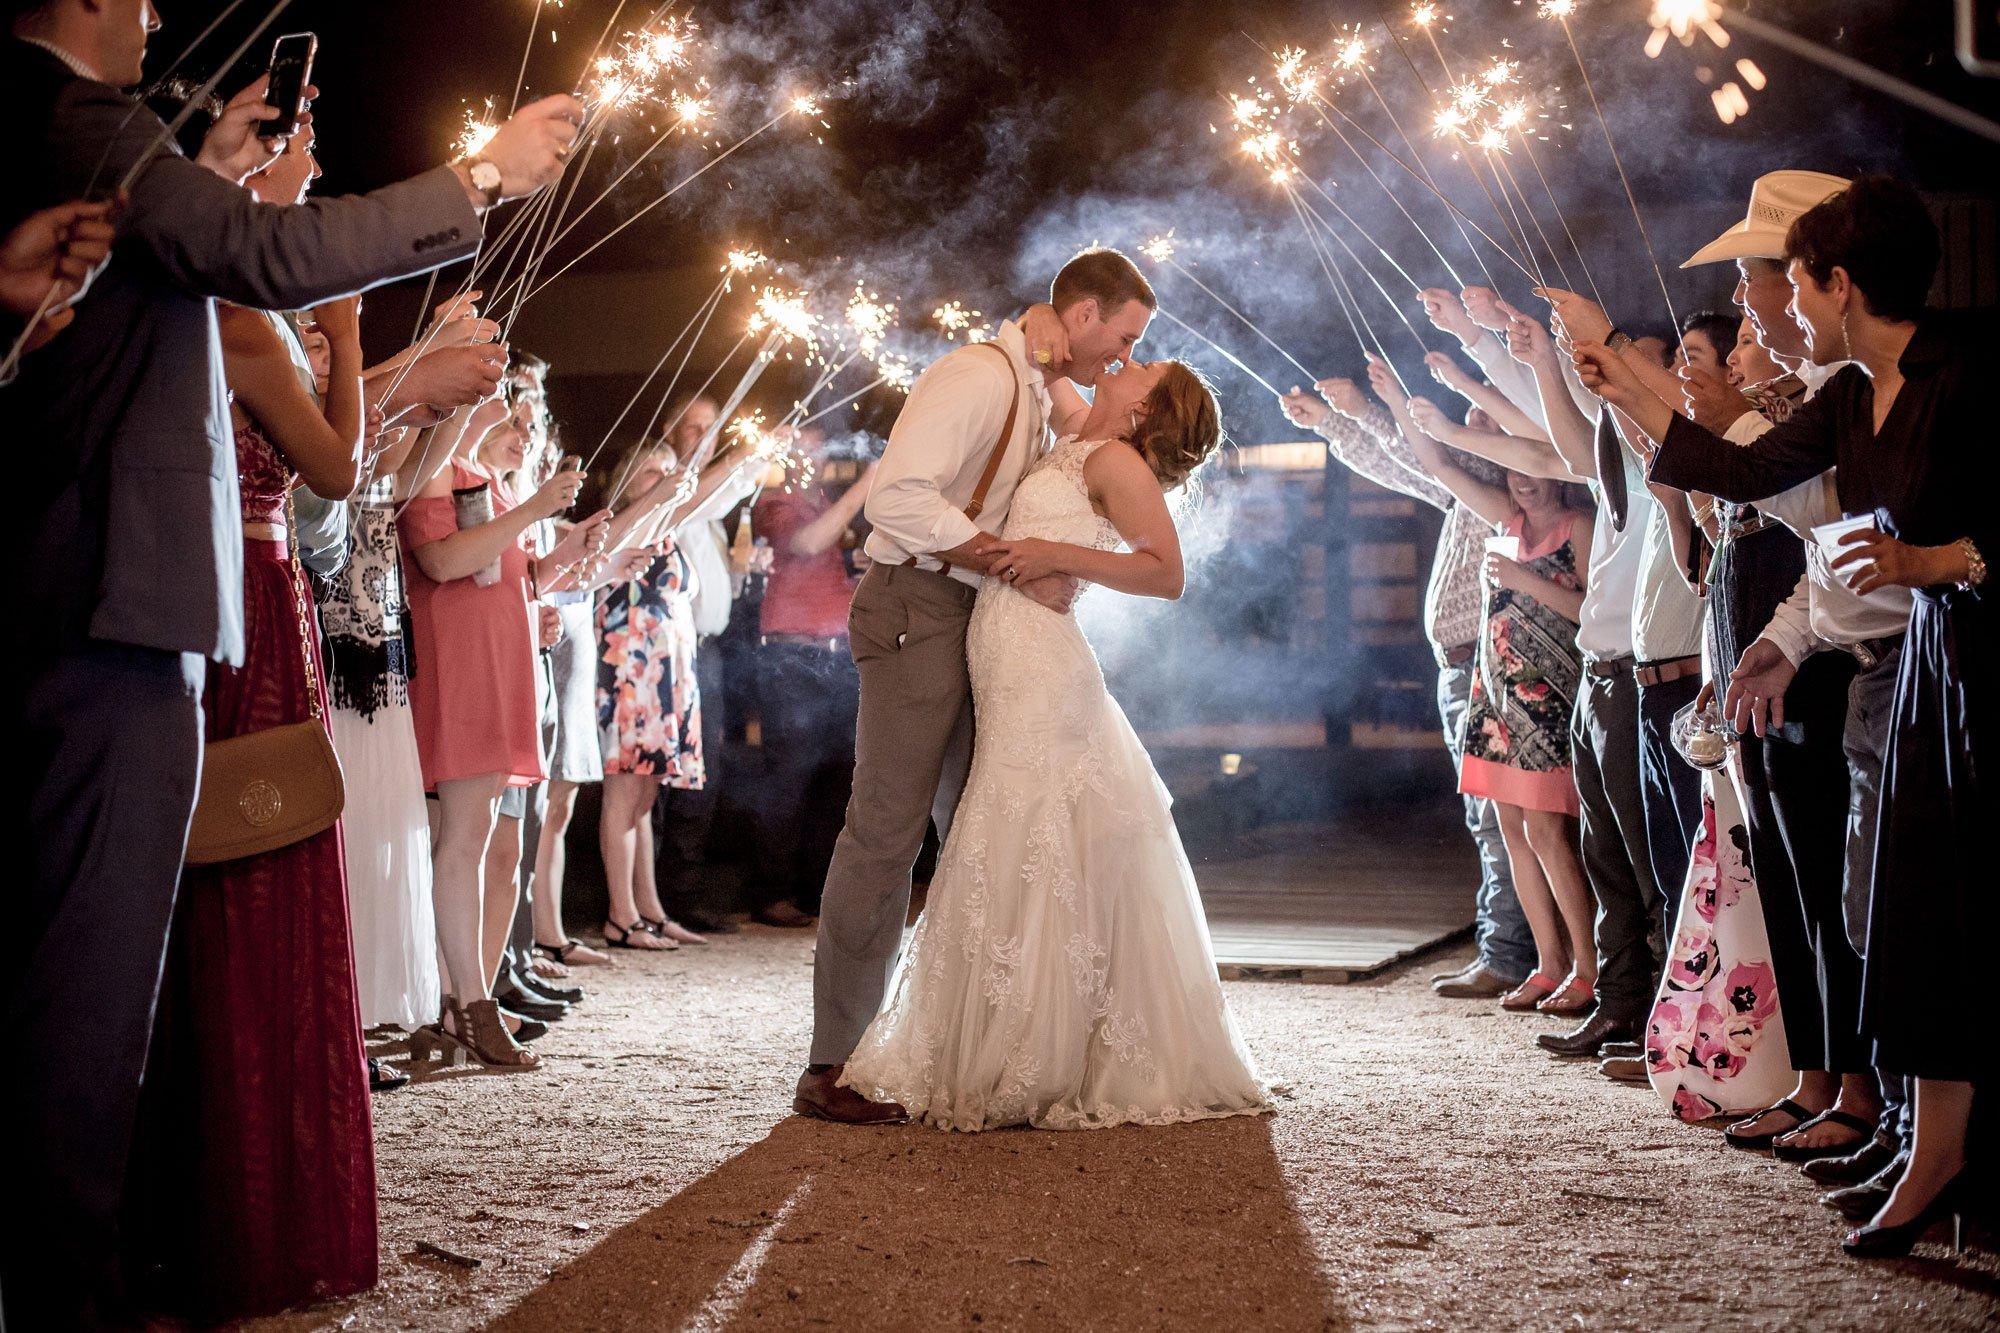 Allen Farm Haus-Couple kissing under sparnkler-fireworks